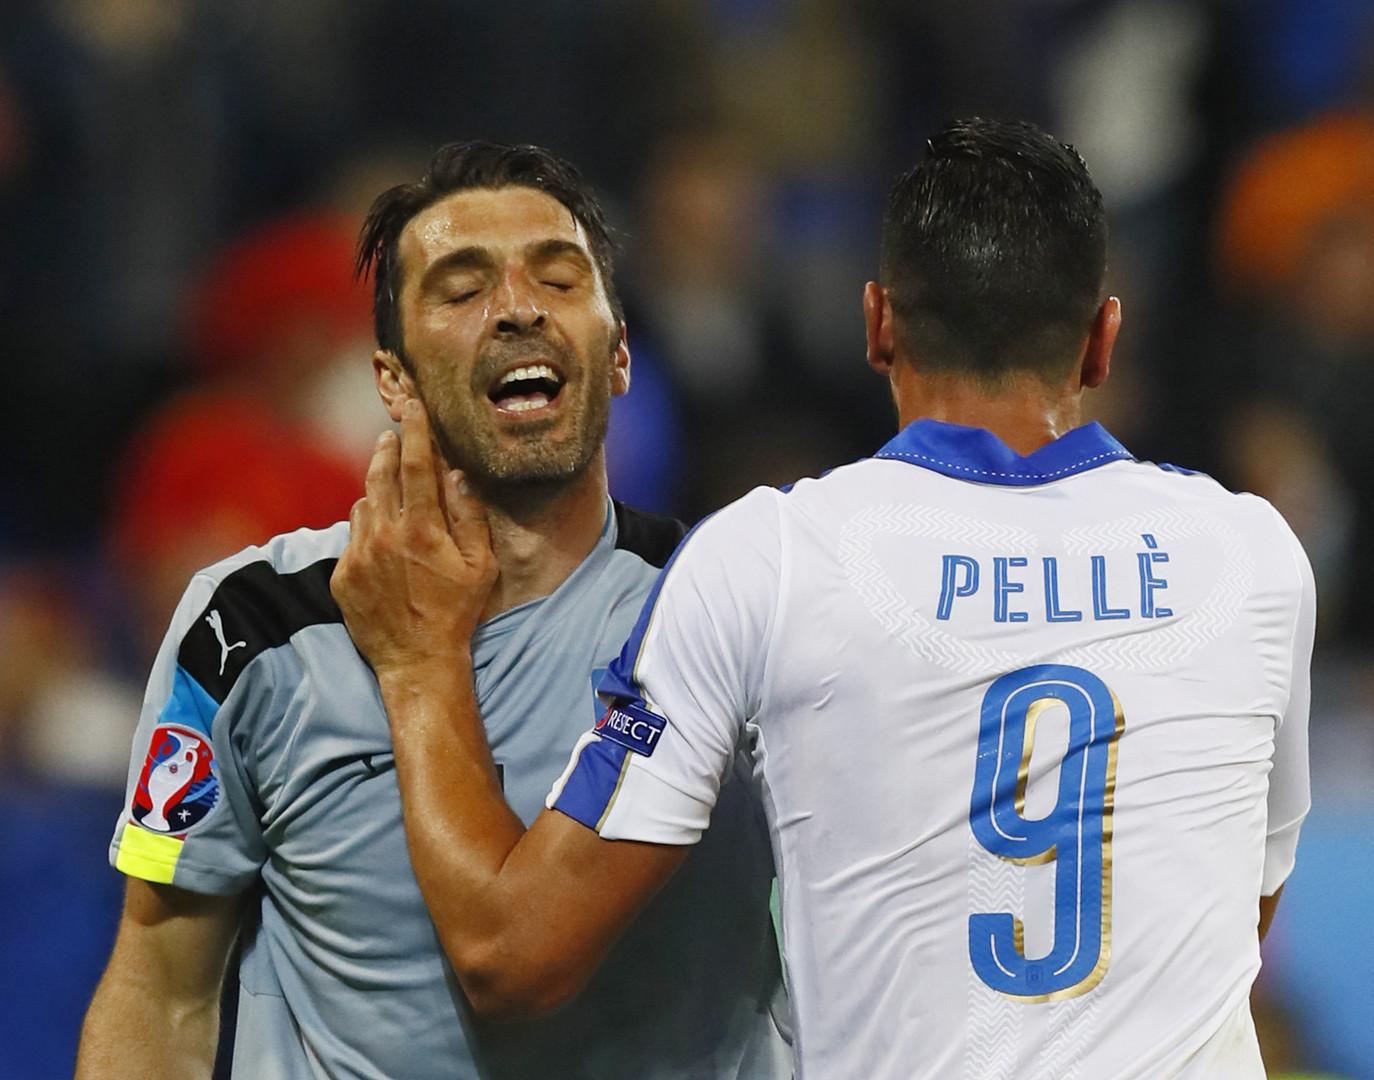 إيطاليا لحسم تأهلها باكرا من بوابة السويد في اليورو